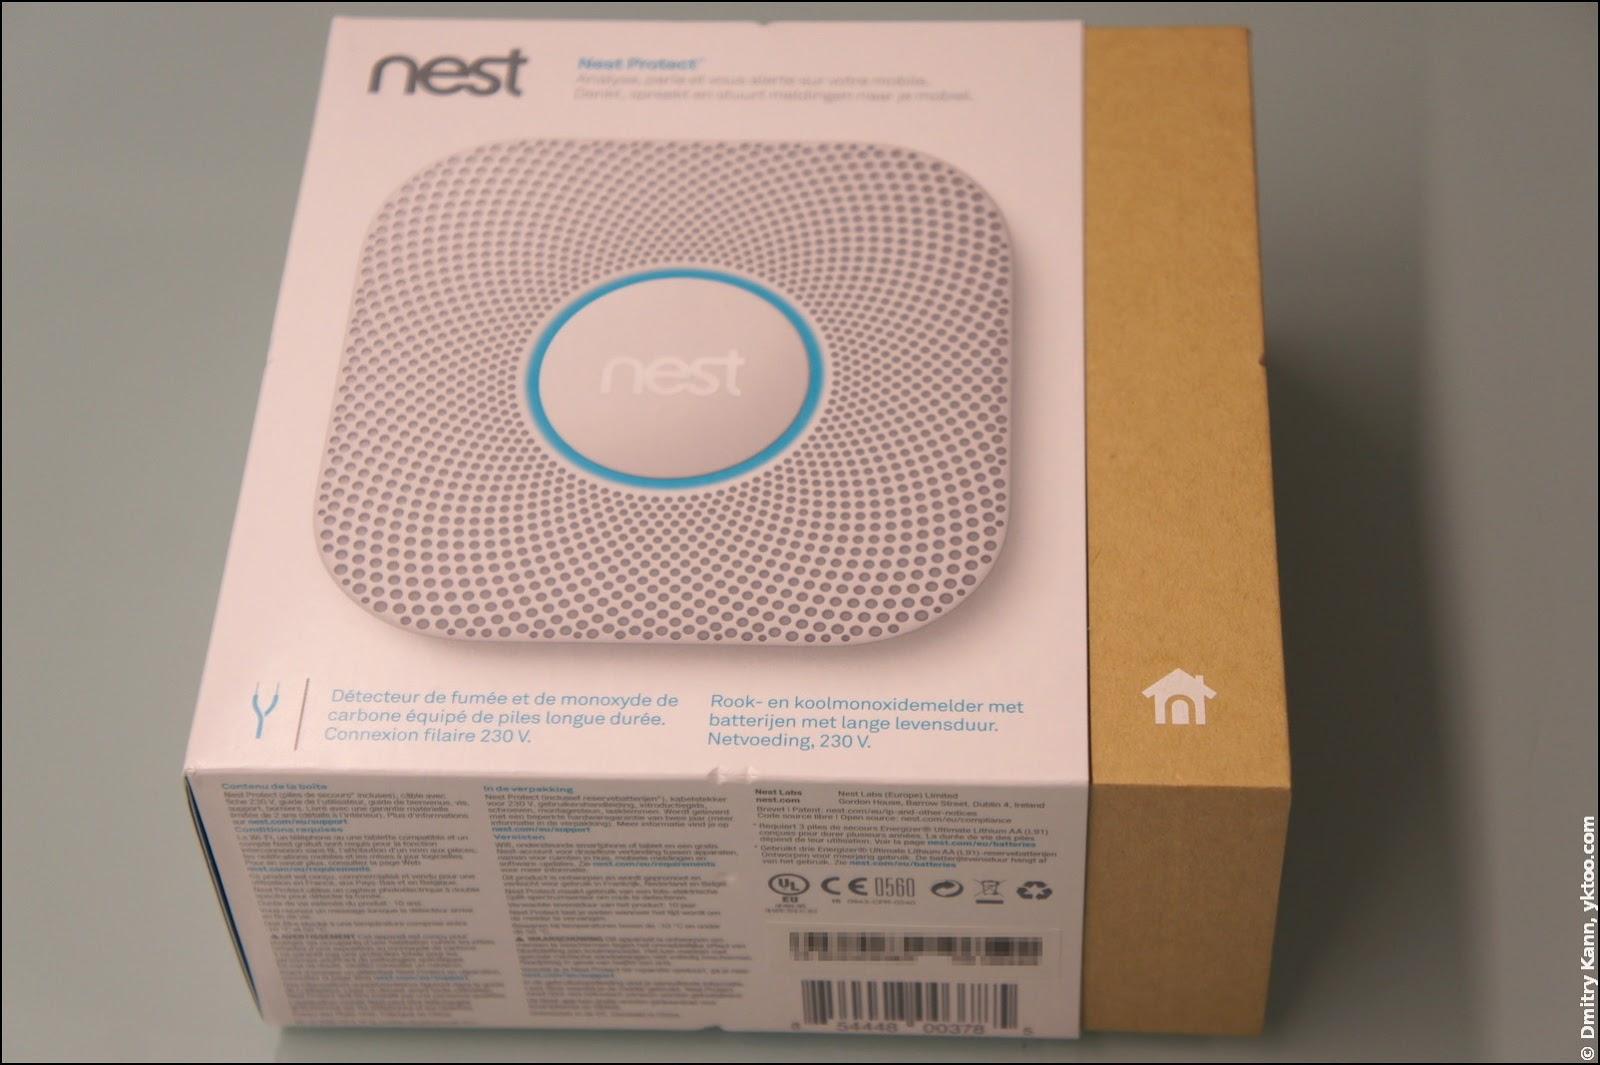 Nest Protect 2 в упаковке.